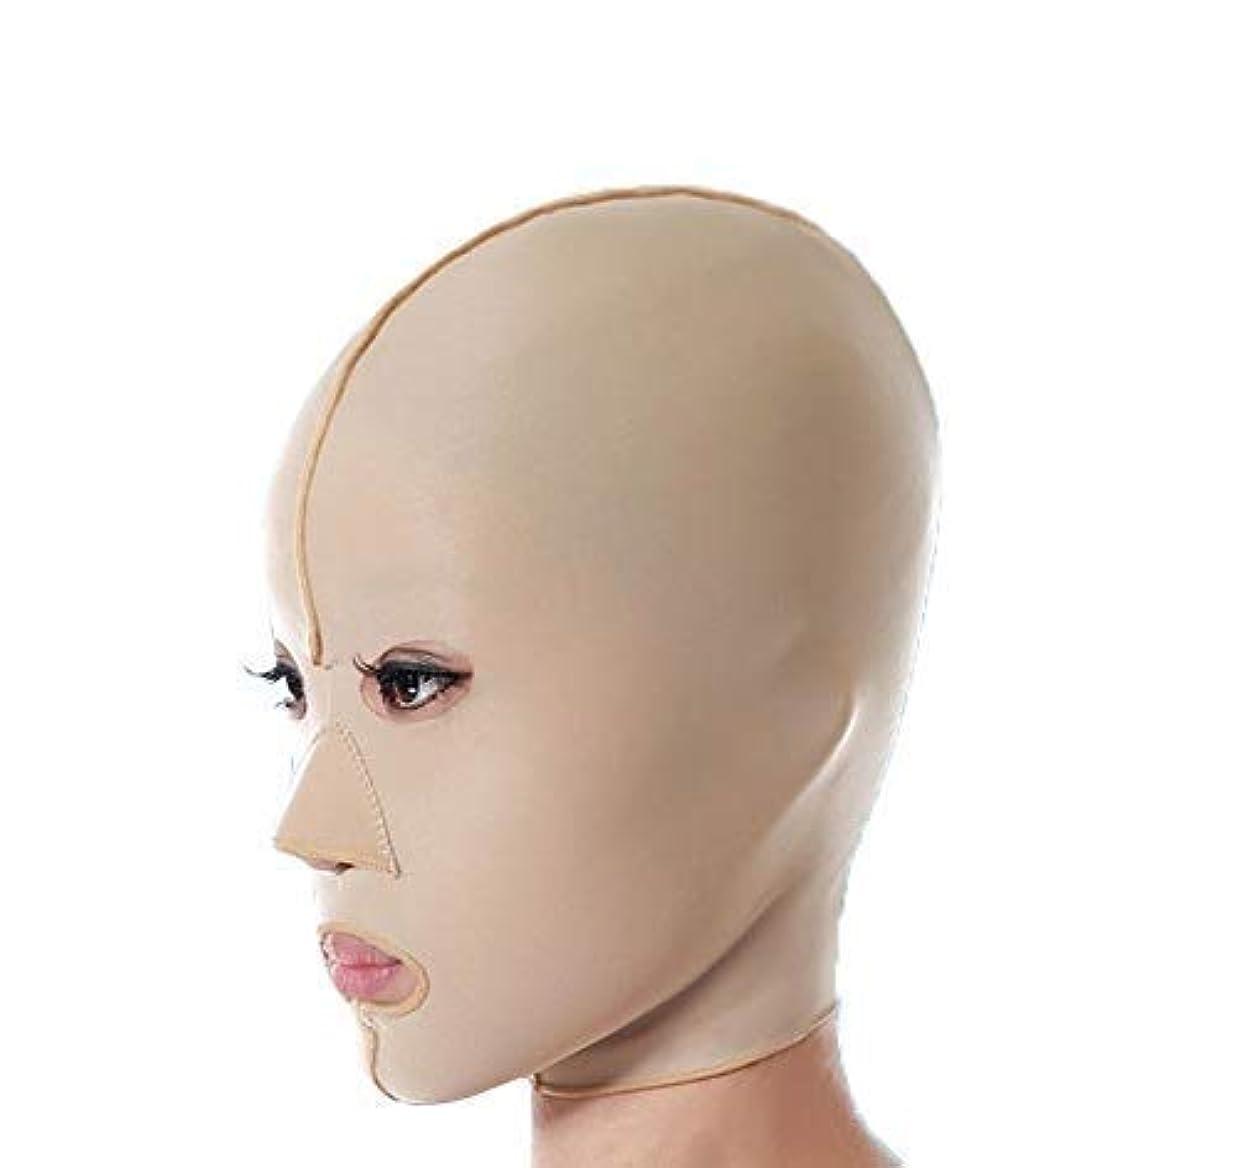 断片マネージャーマイナスファーミングフェイスマスク、フェイシャルマスクメディシン強力なフェイスマスクアーティファクト美容たるみ防止ロウパターンフェイシャルリフティングファーミングフルフェイスマスク(サイズ:L)